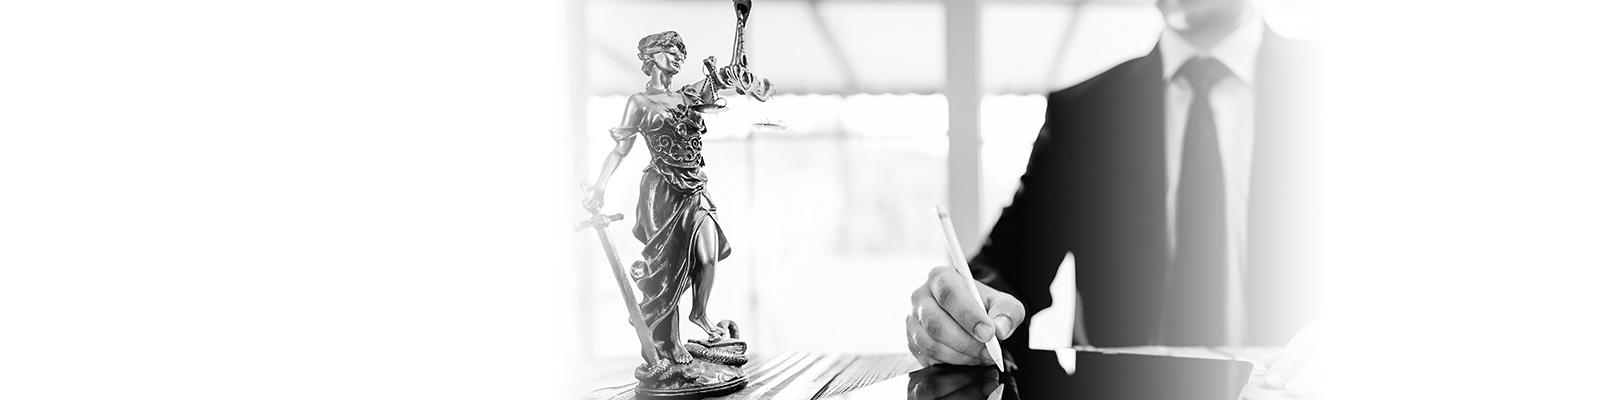 法律家 デジタルツール 法律 イメージ